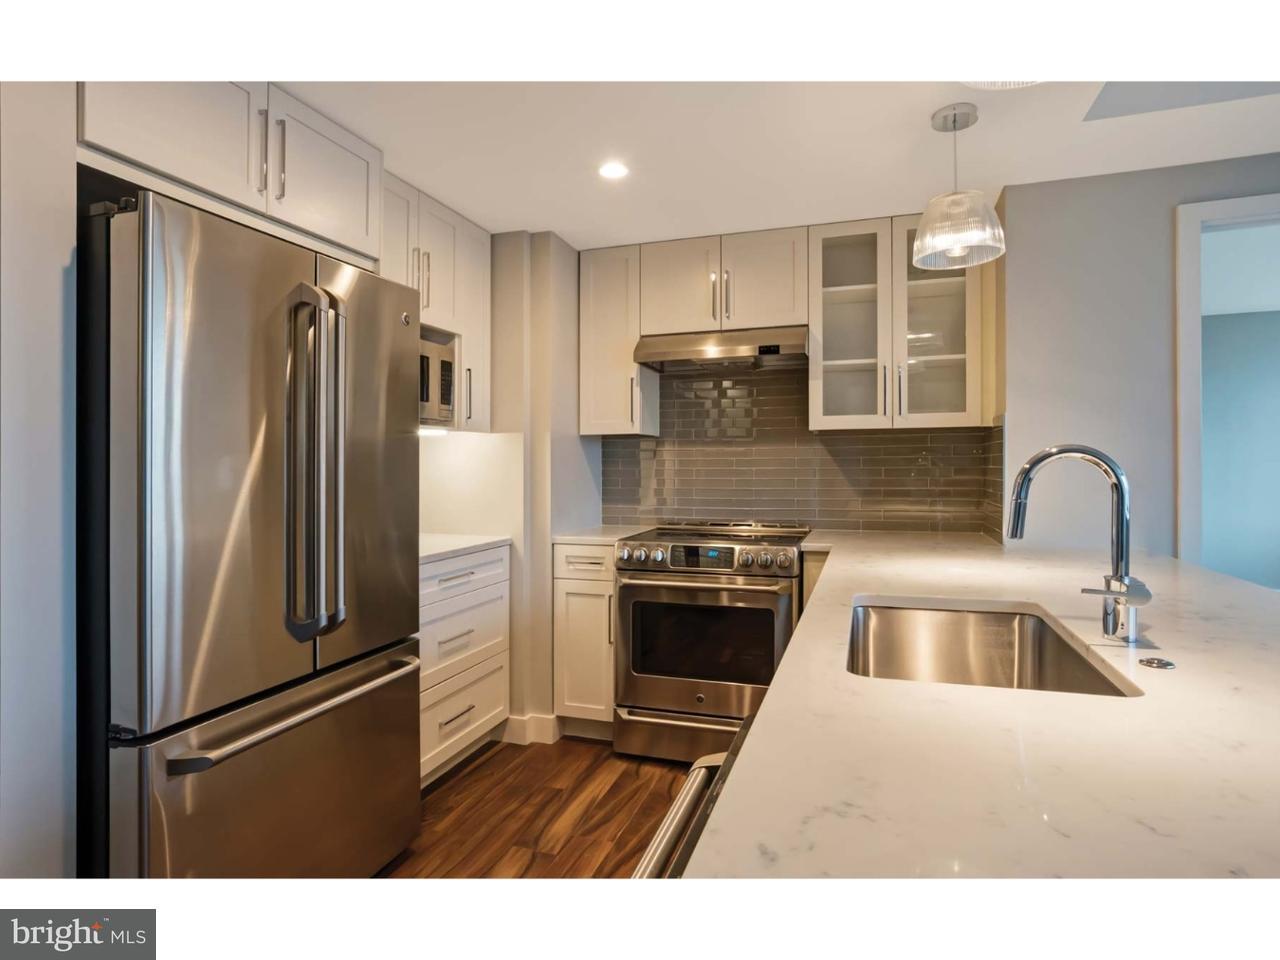 独户住宅 为 出租 在 2200 BENJAMIN FRANKLIN PKWY 费城, 宾夕法尼亚州 19130 美国